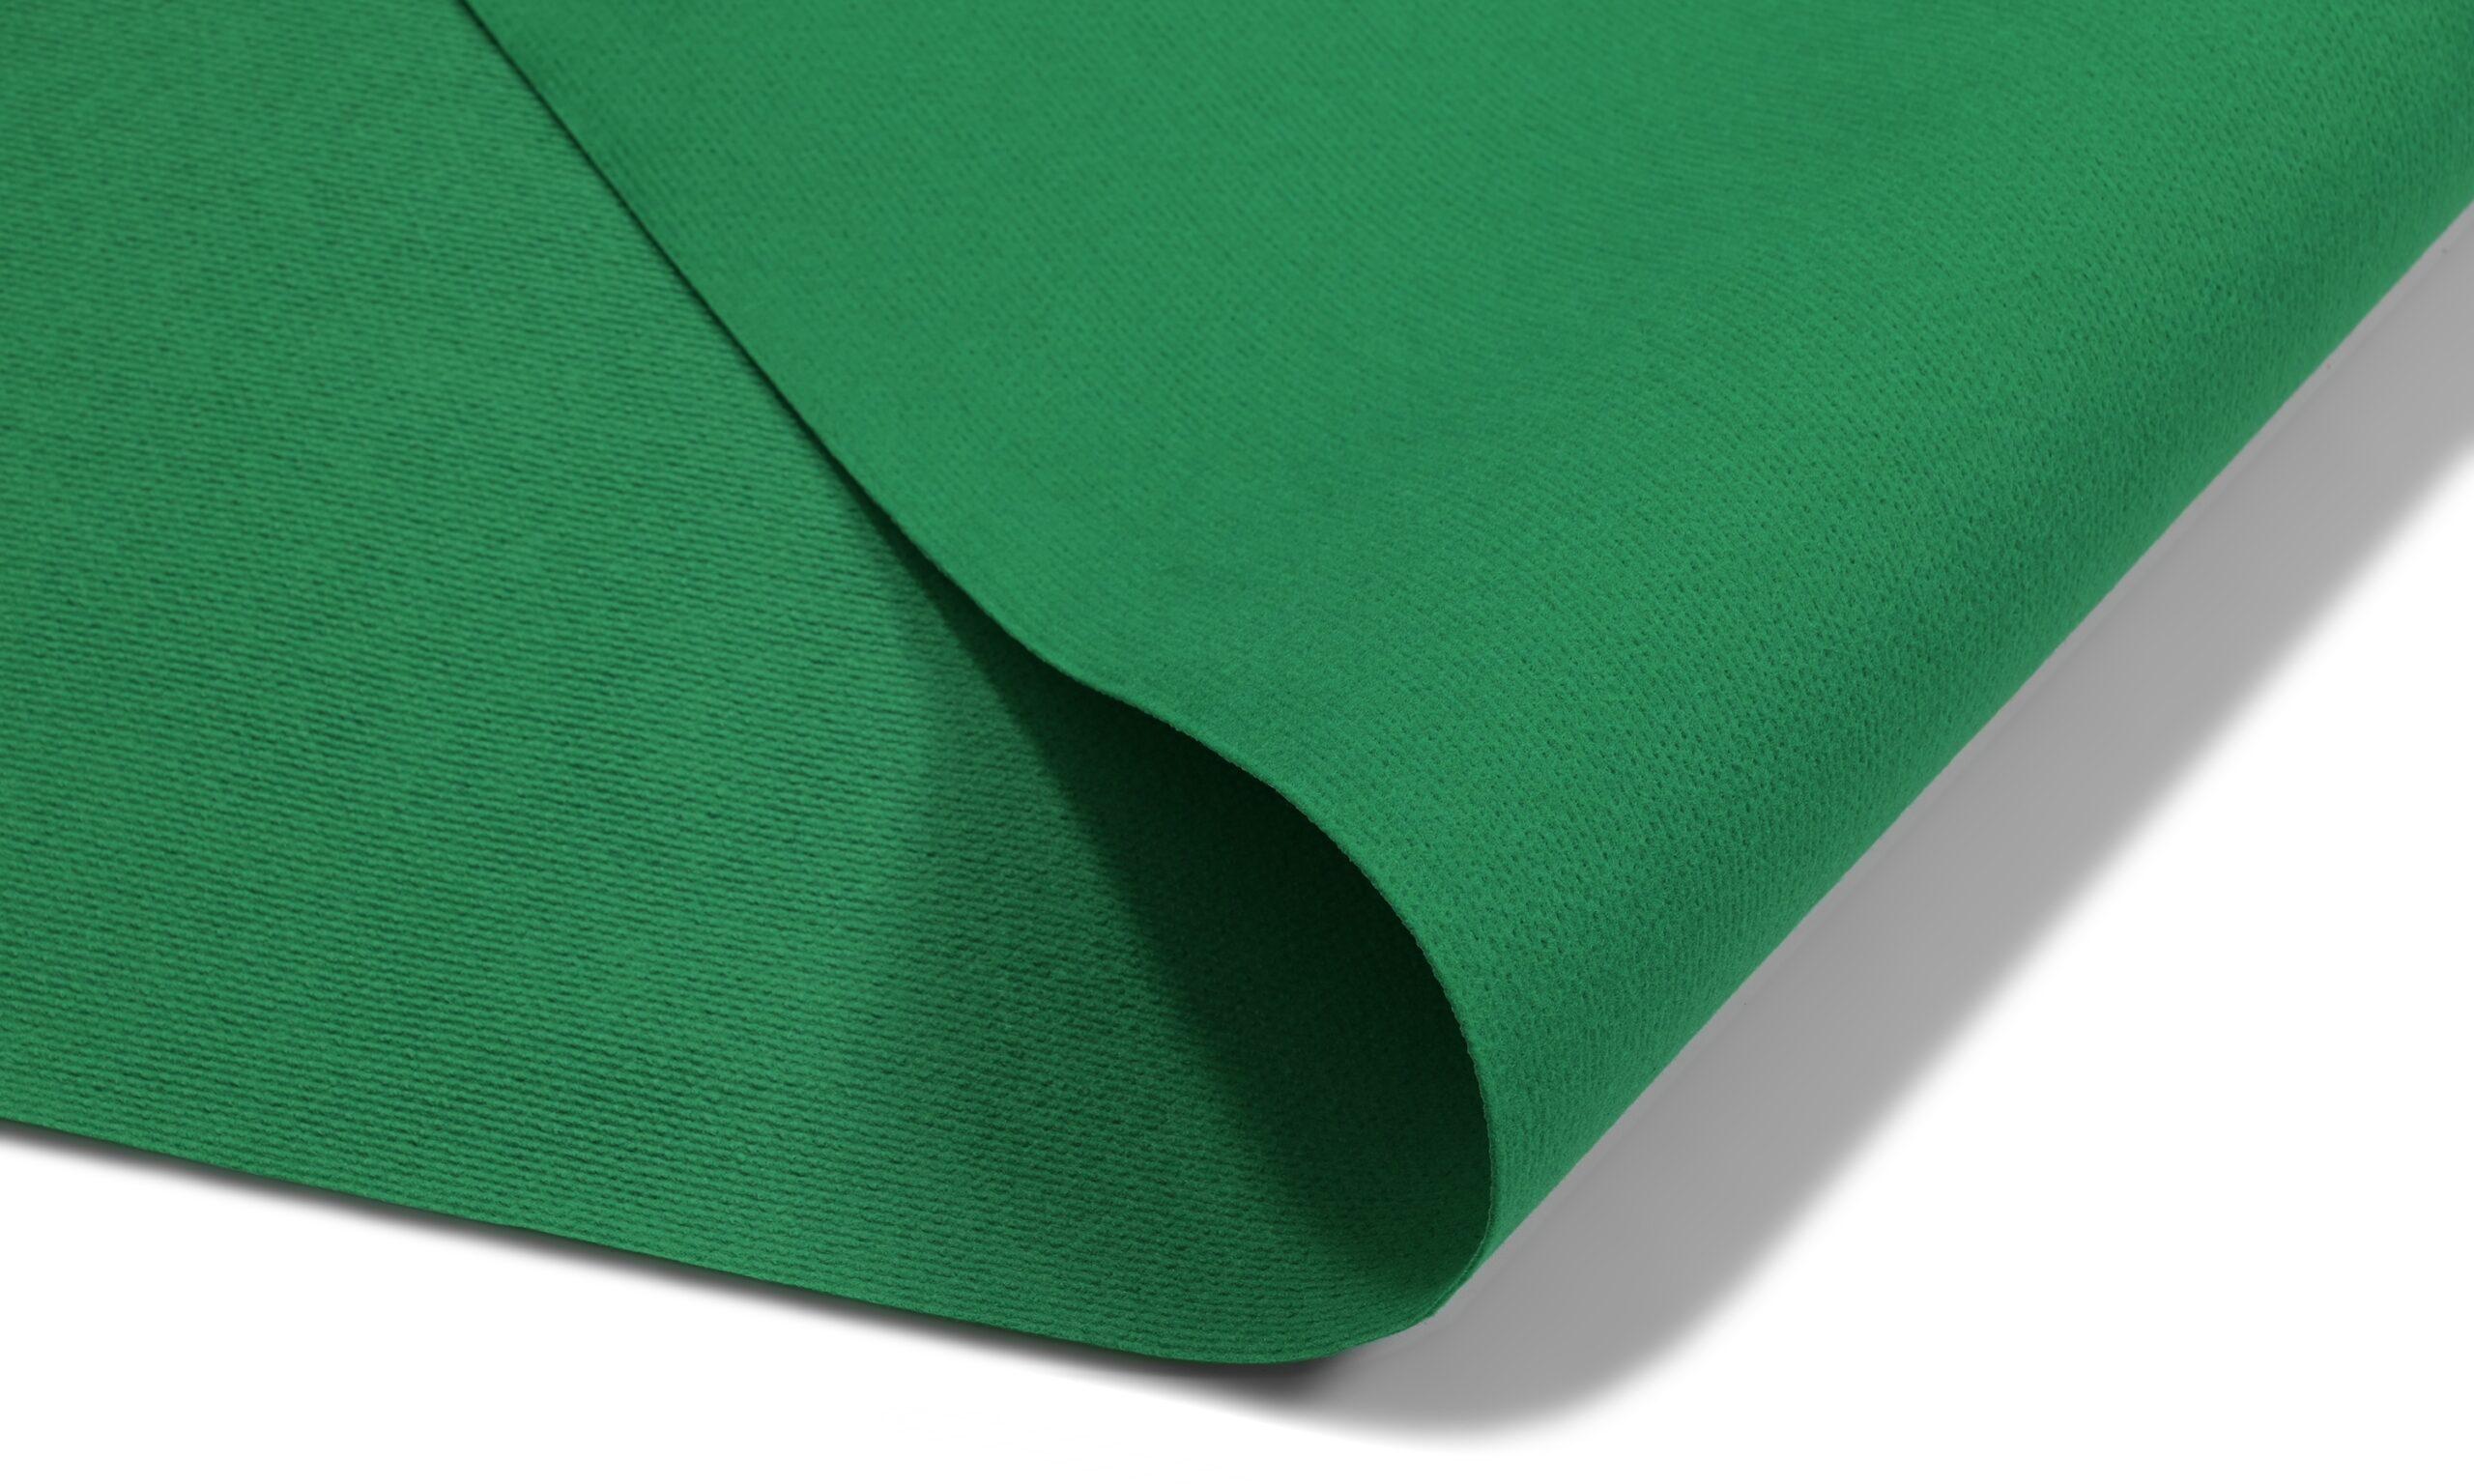 Expo grønn 510 - nålefiltsteppe - 200 x 5000 cm